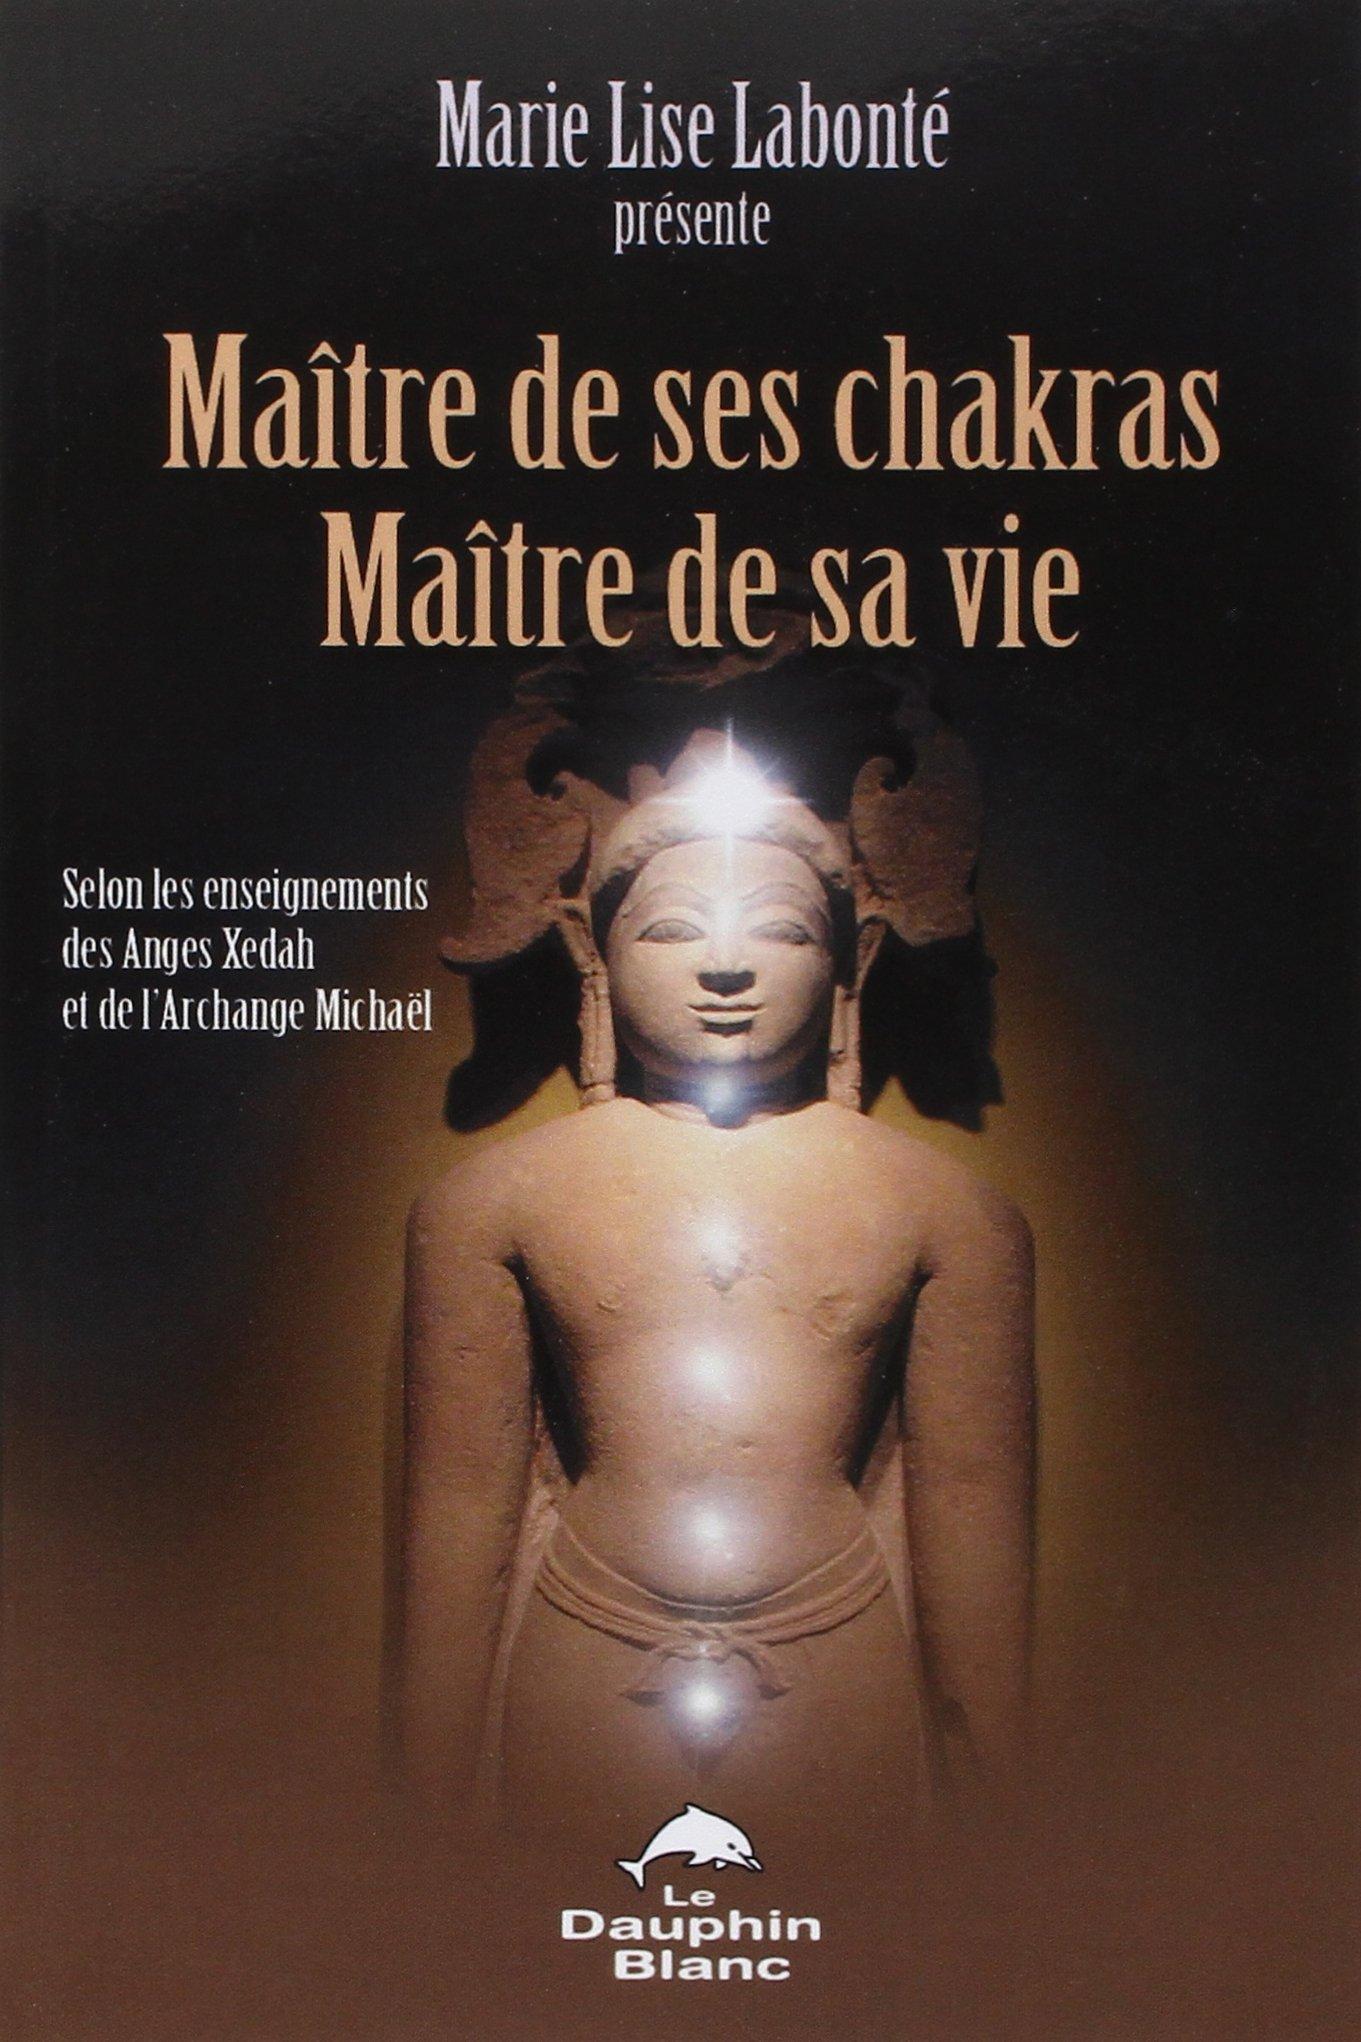 Maître de ses chakras. Maître de sa vie Broché – 1 avril 2005 Marie-Lise Labonté Dauphin blanc 2894361351 9782894361351_PROL_US